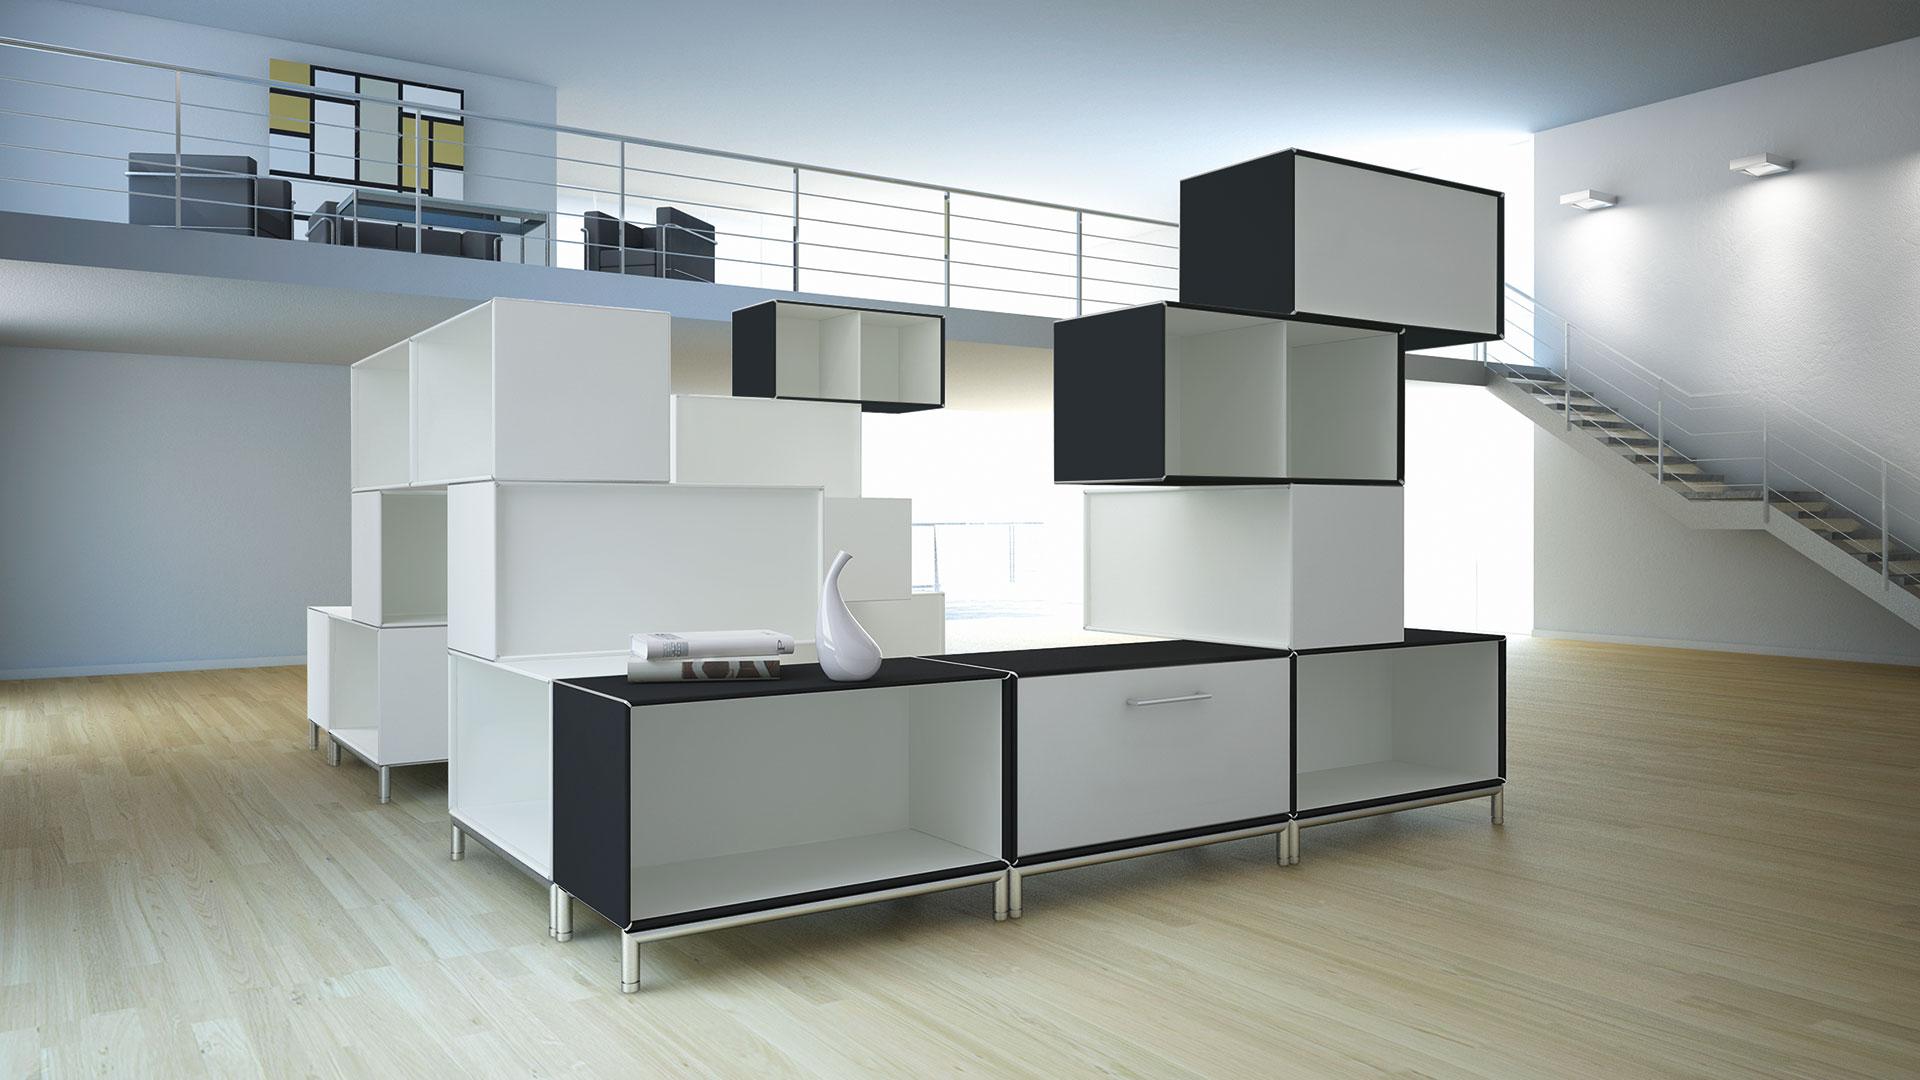 Design-Moebel-Gliederungssysteme-element-x-mauser-16-9